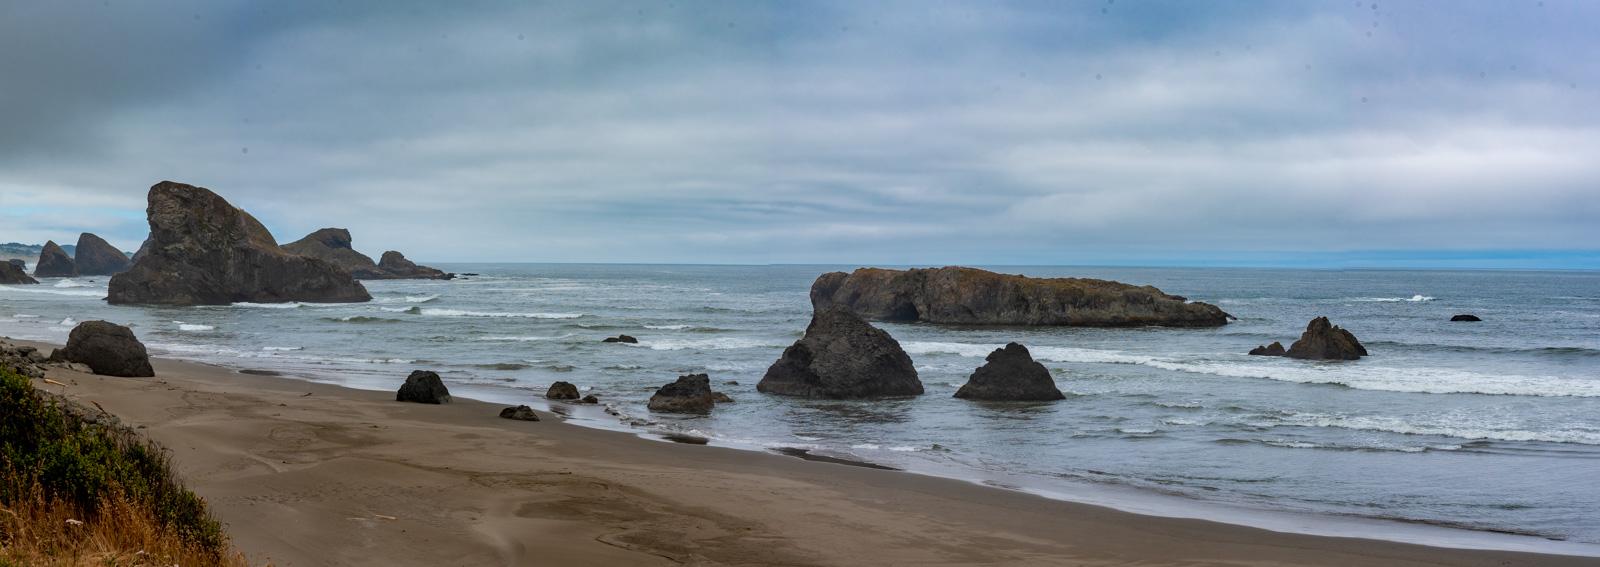 oregon-coast-101.jpg